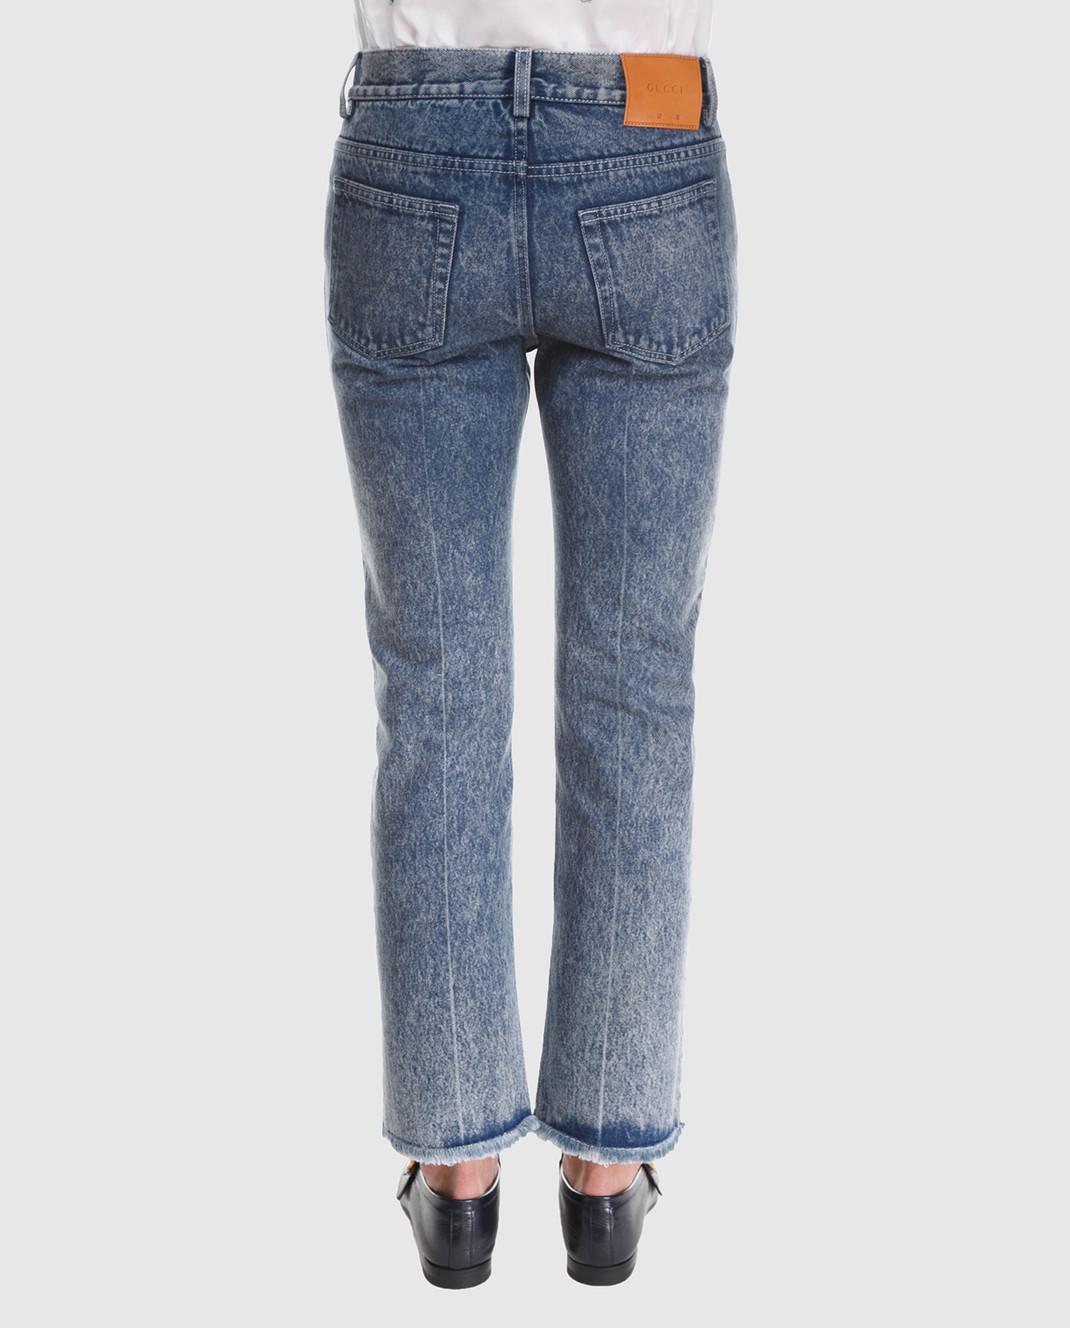 Gucci Синие джинсы 524365 изображение 4